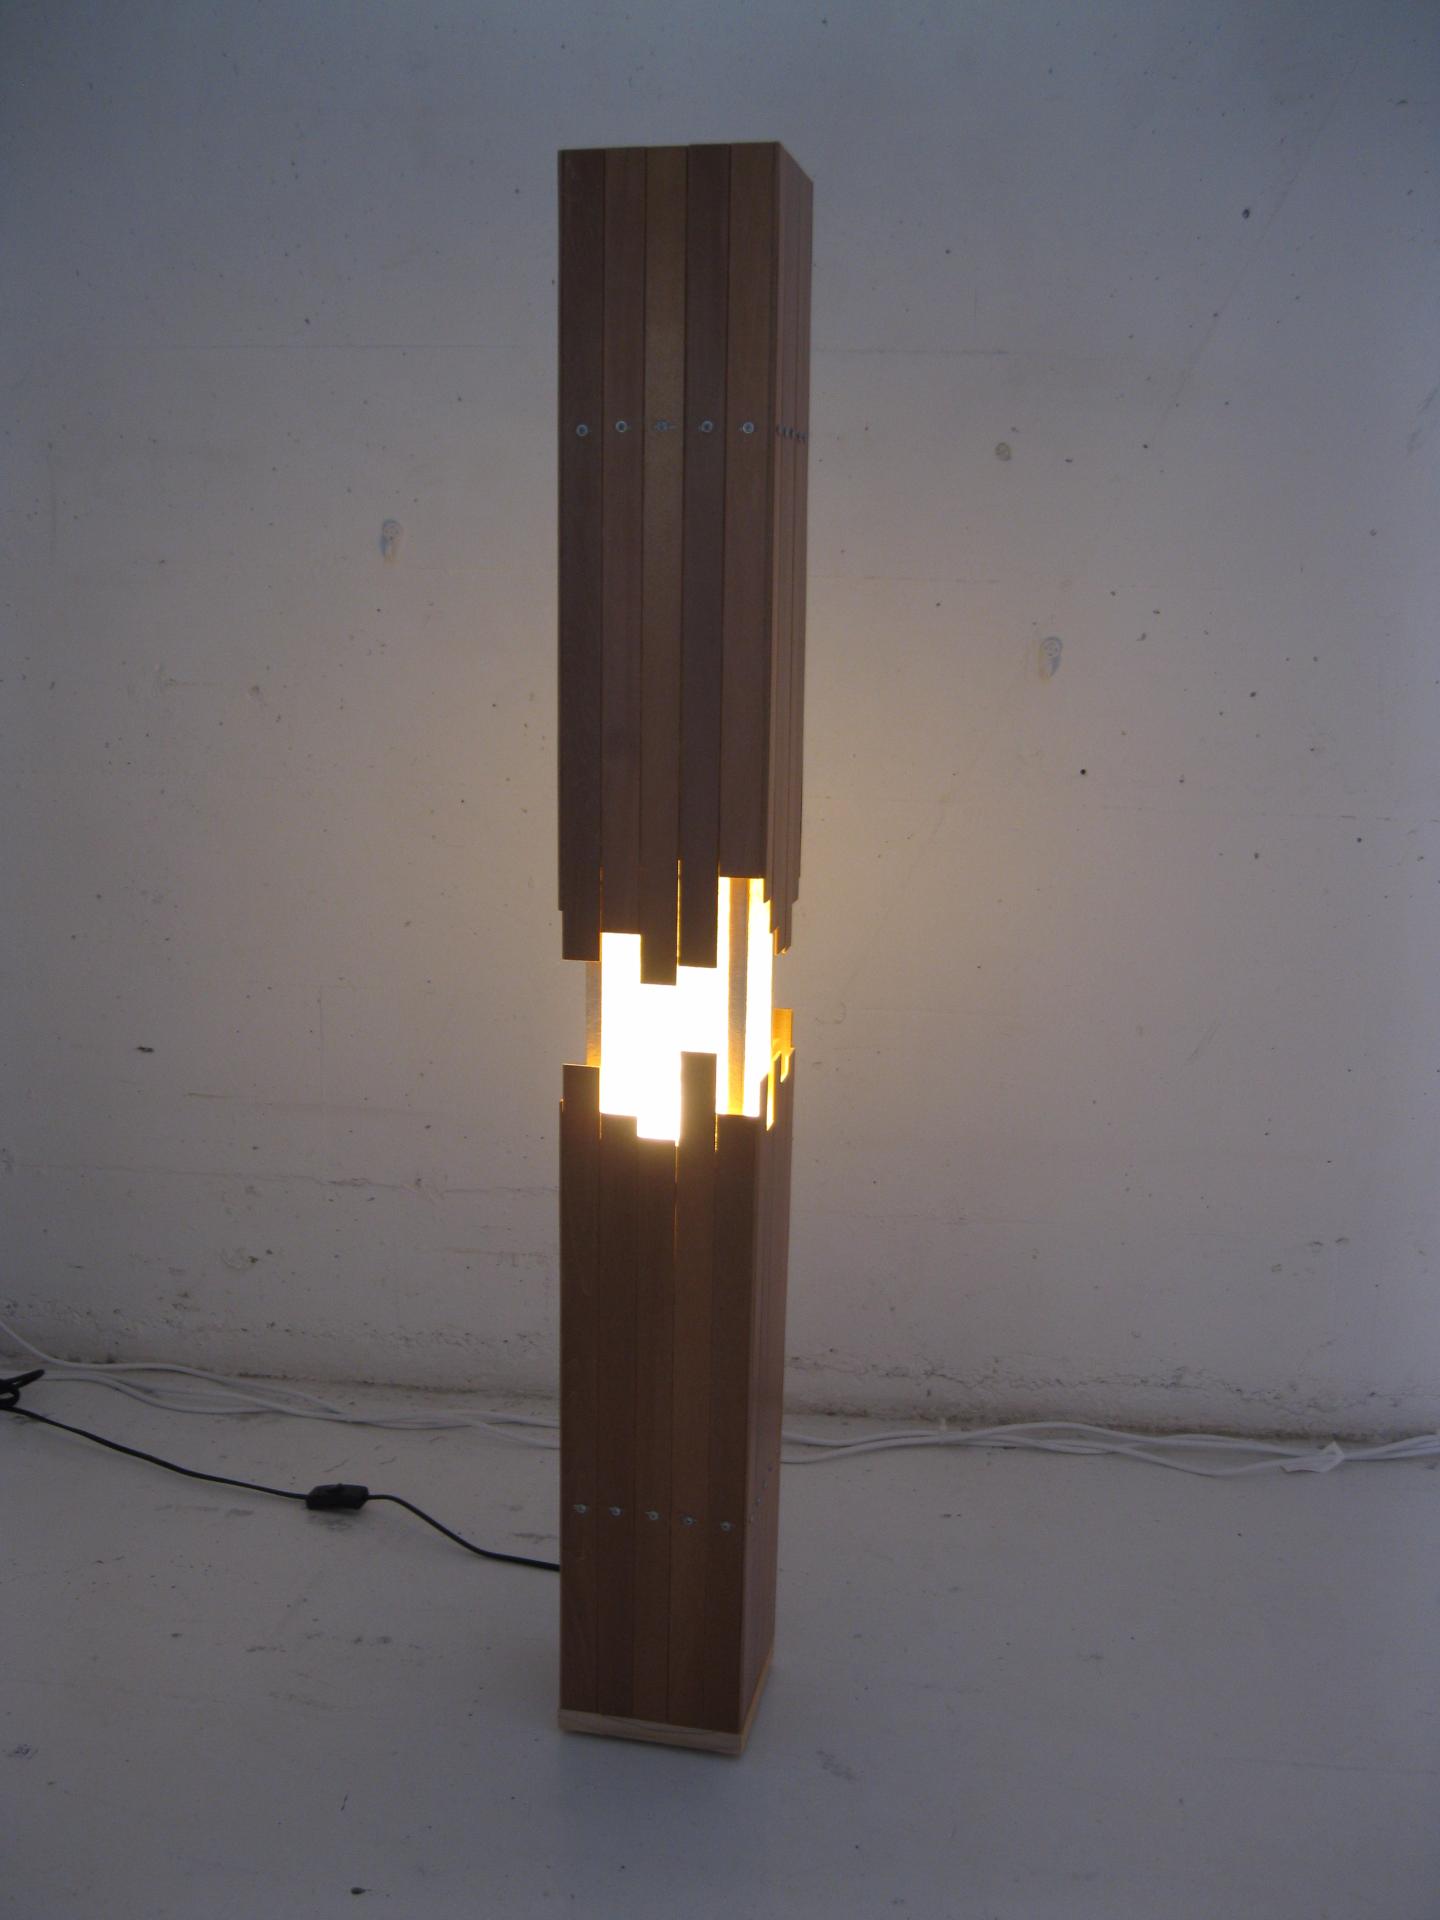 Slat Lamp Tension 01_edited.JPG